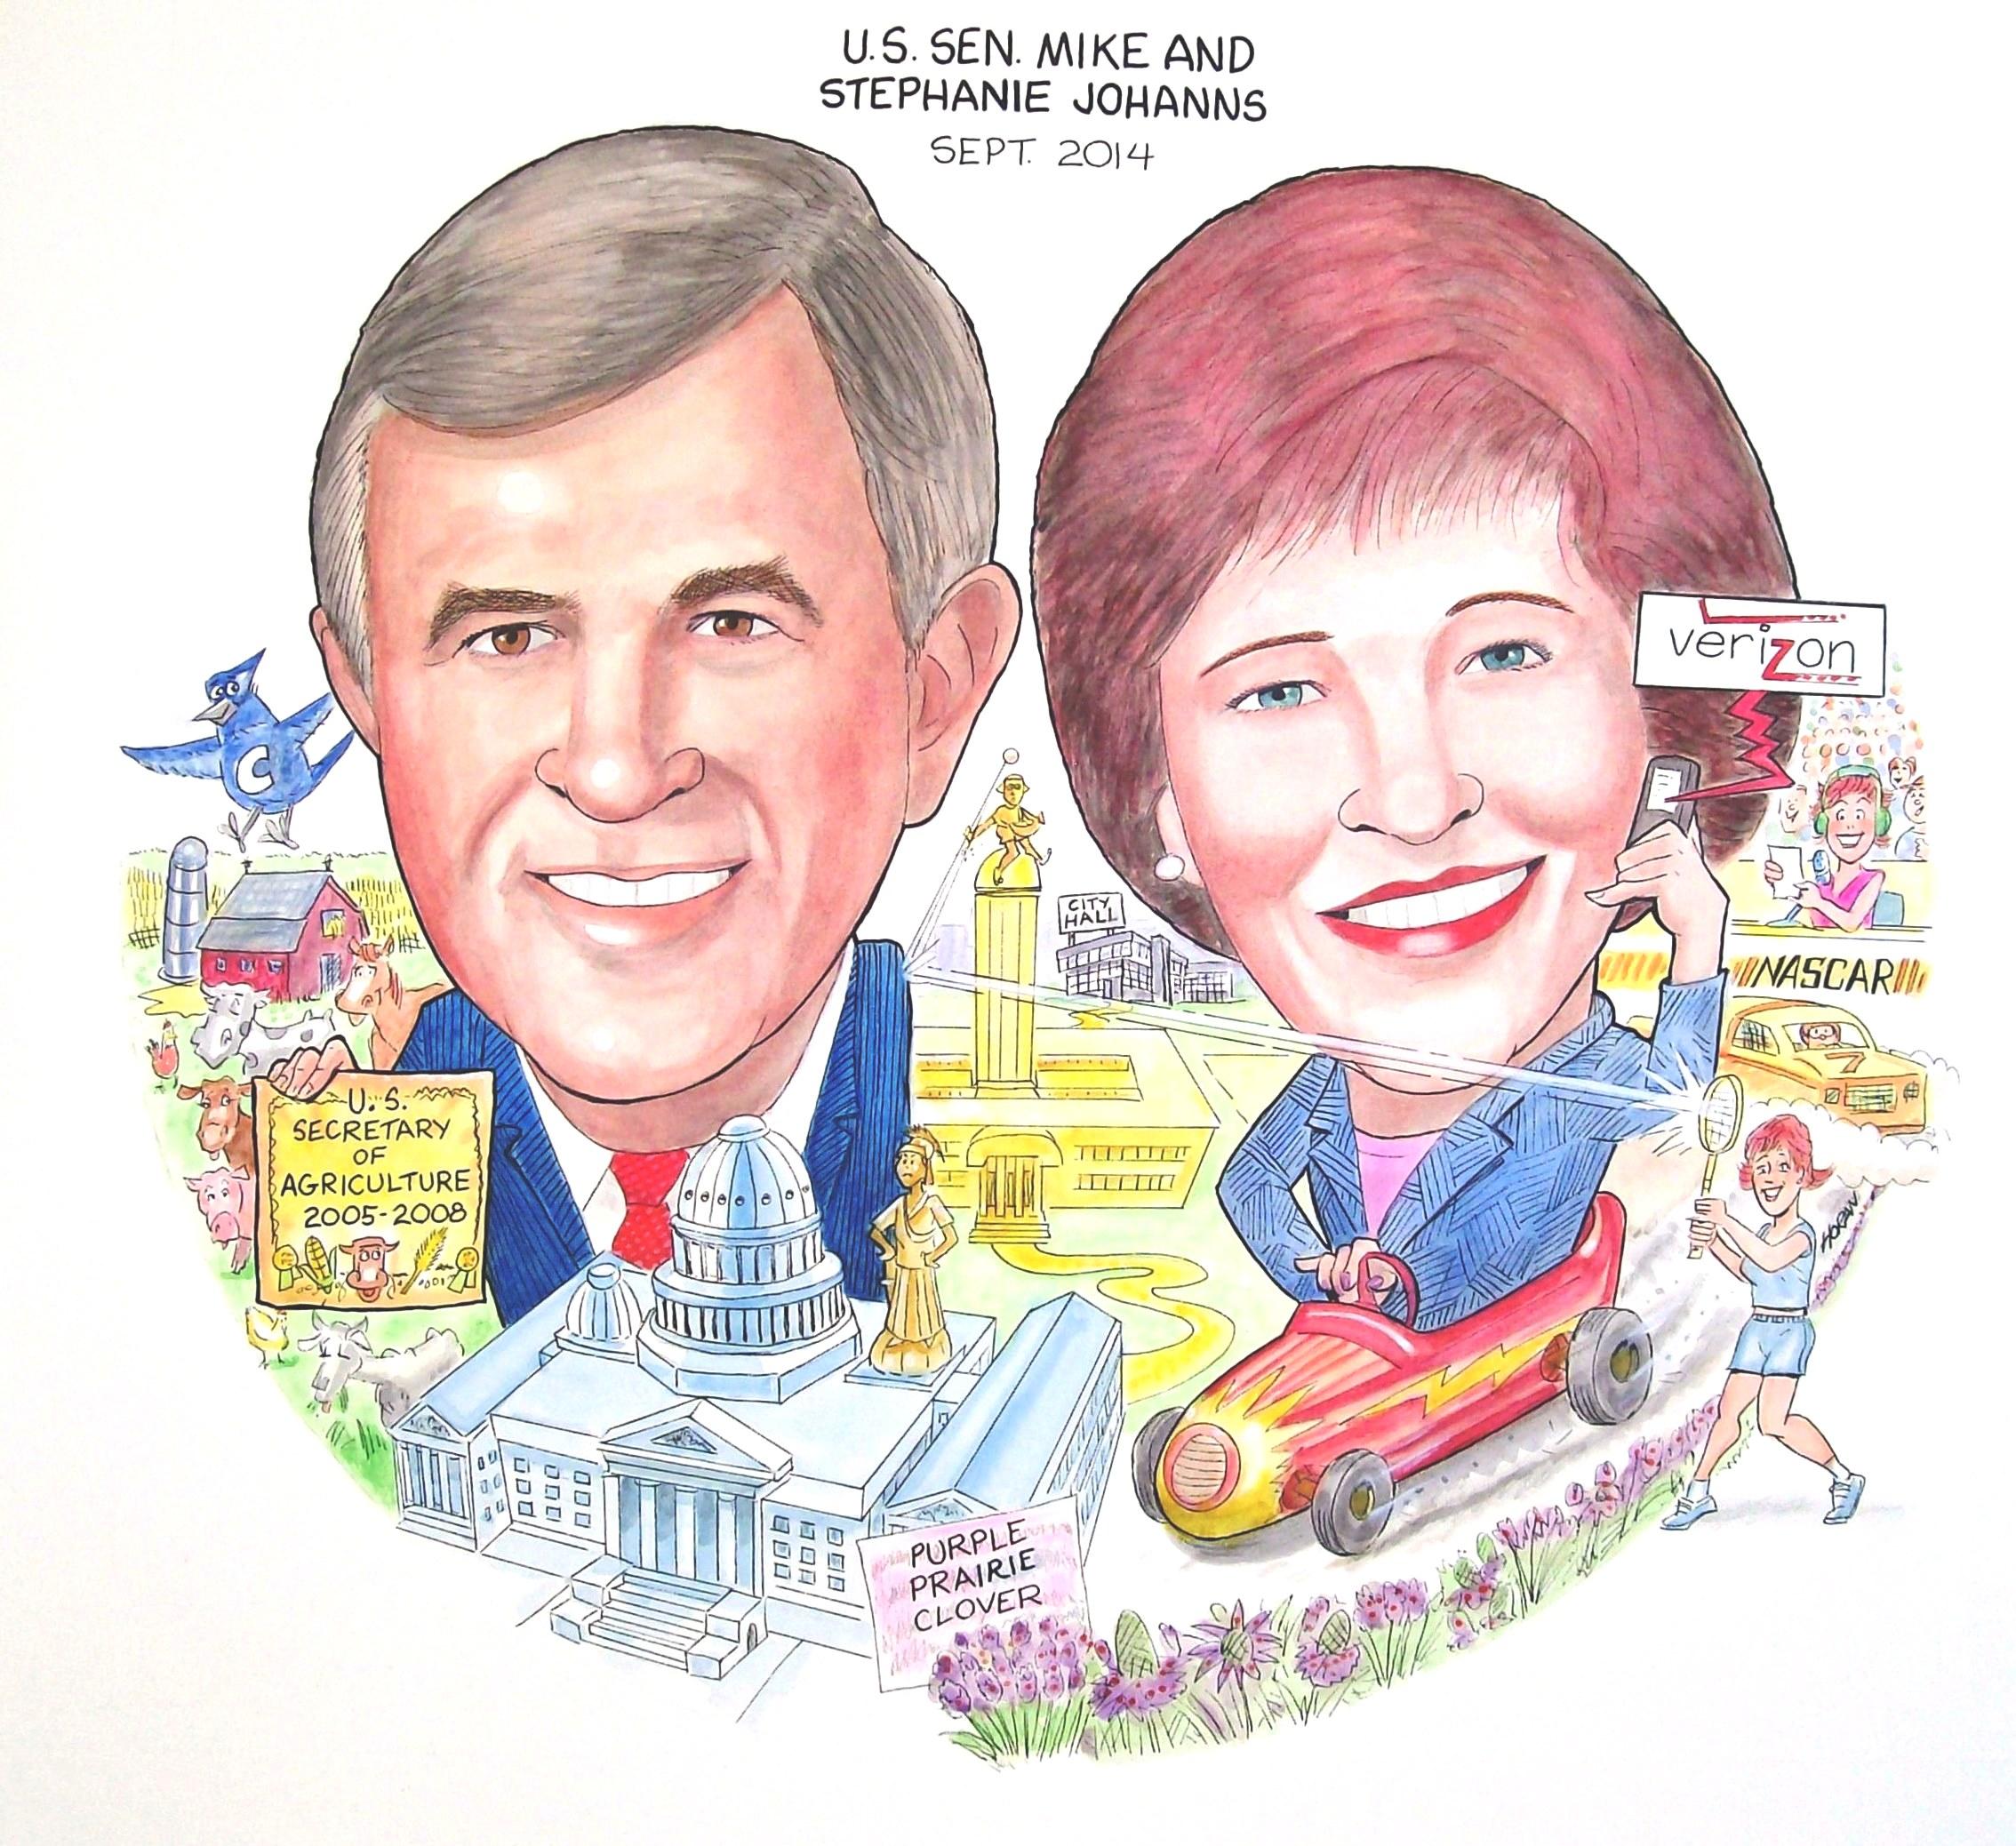 #142 Sen. Mike & Stephanie Johanns